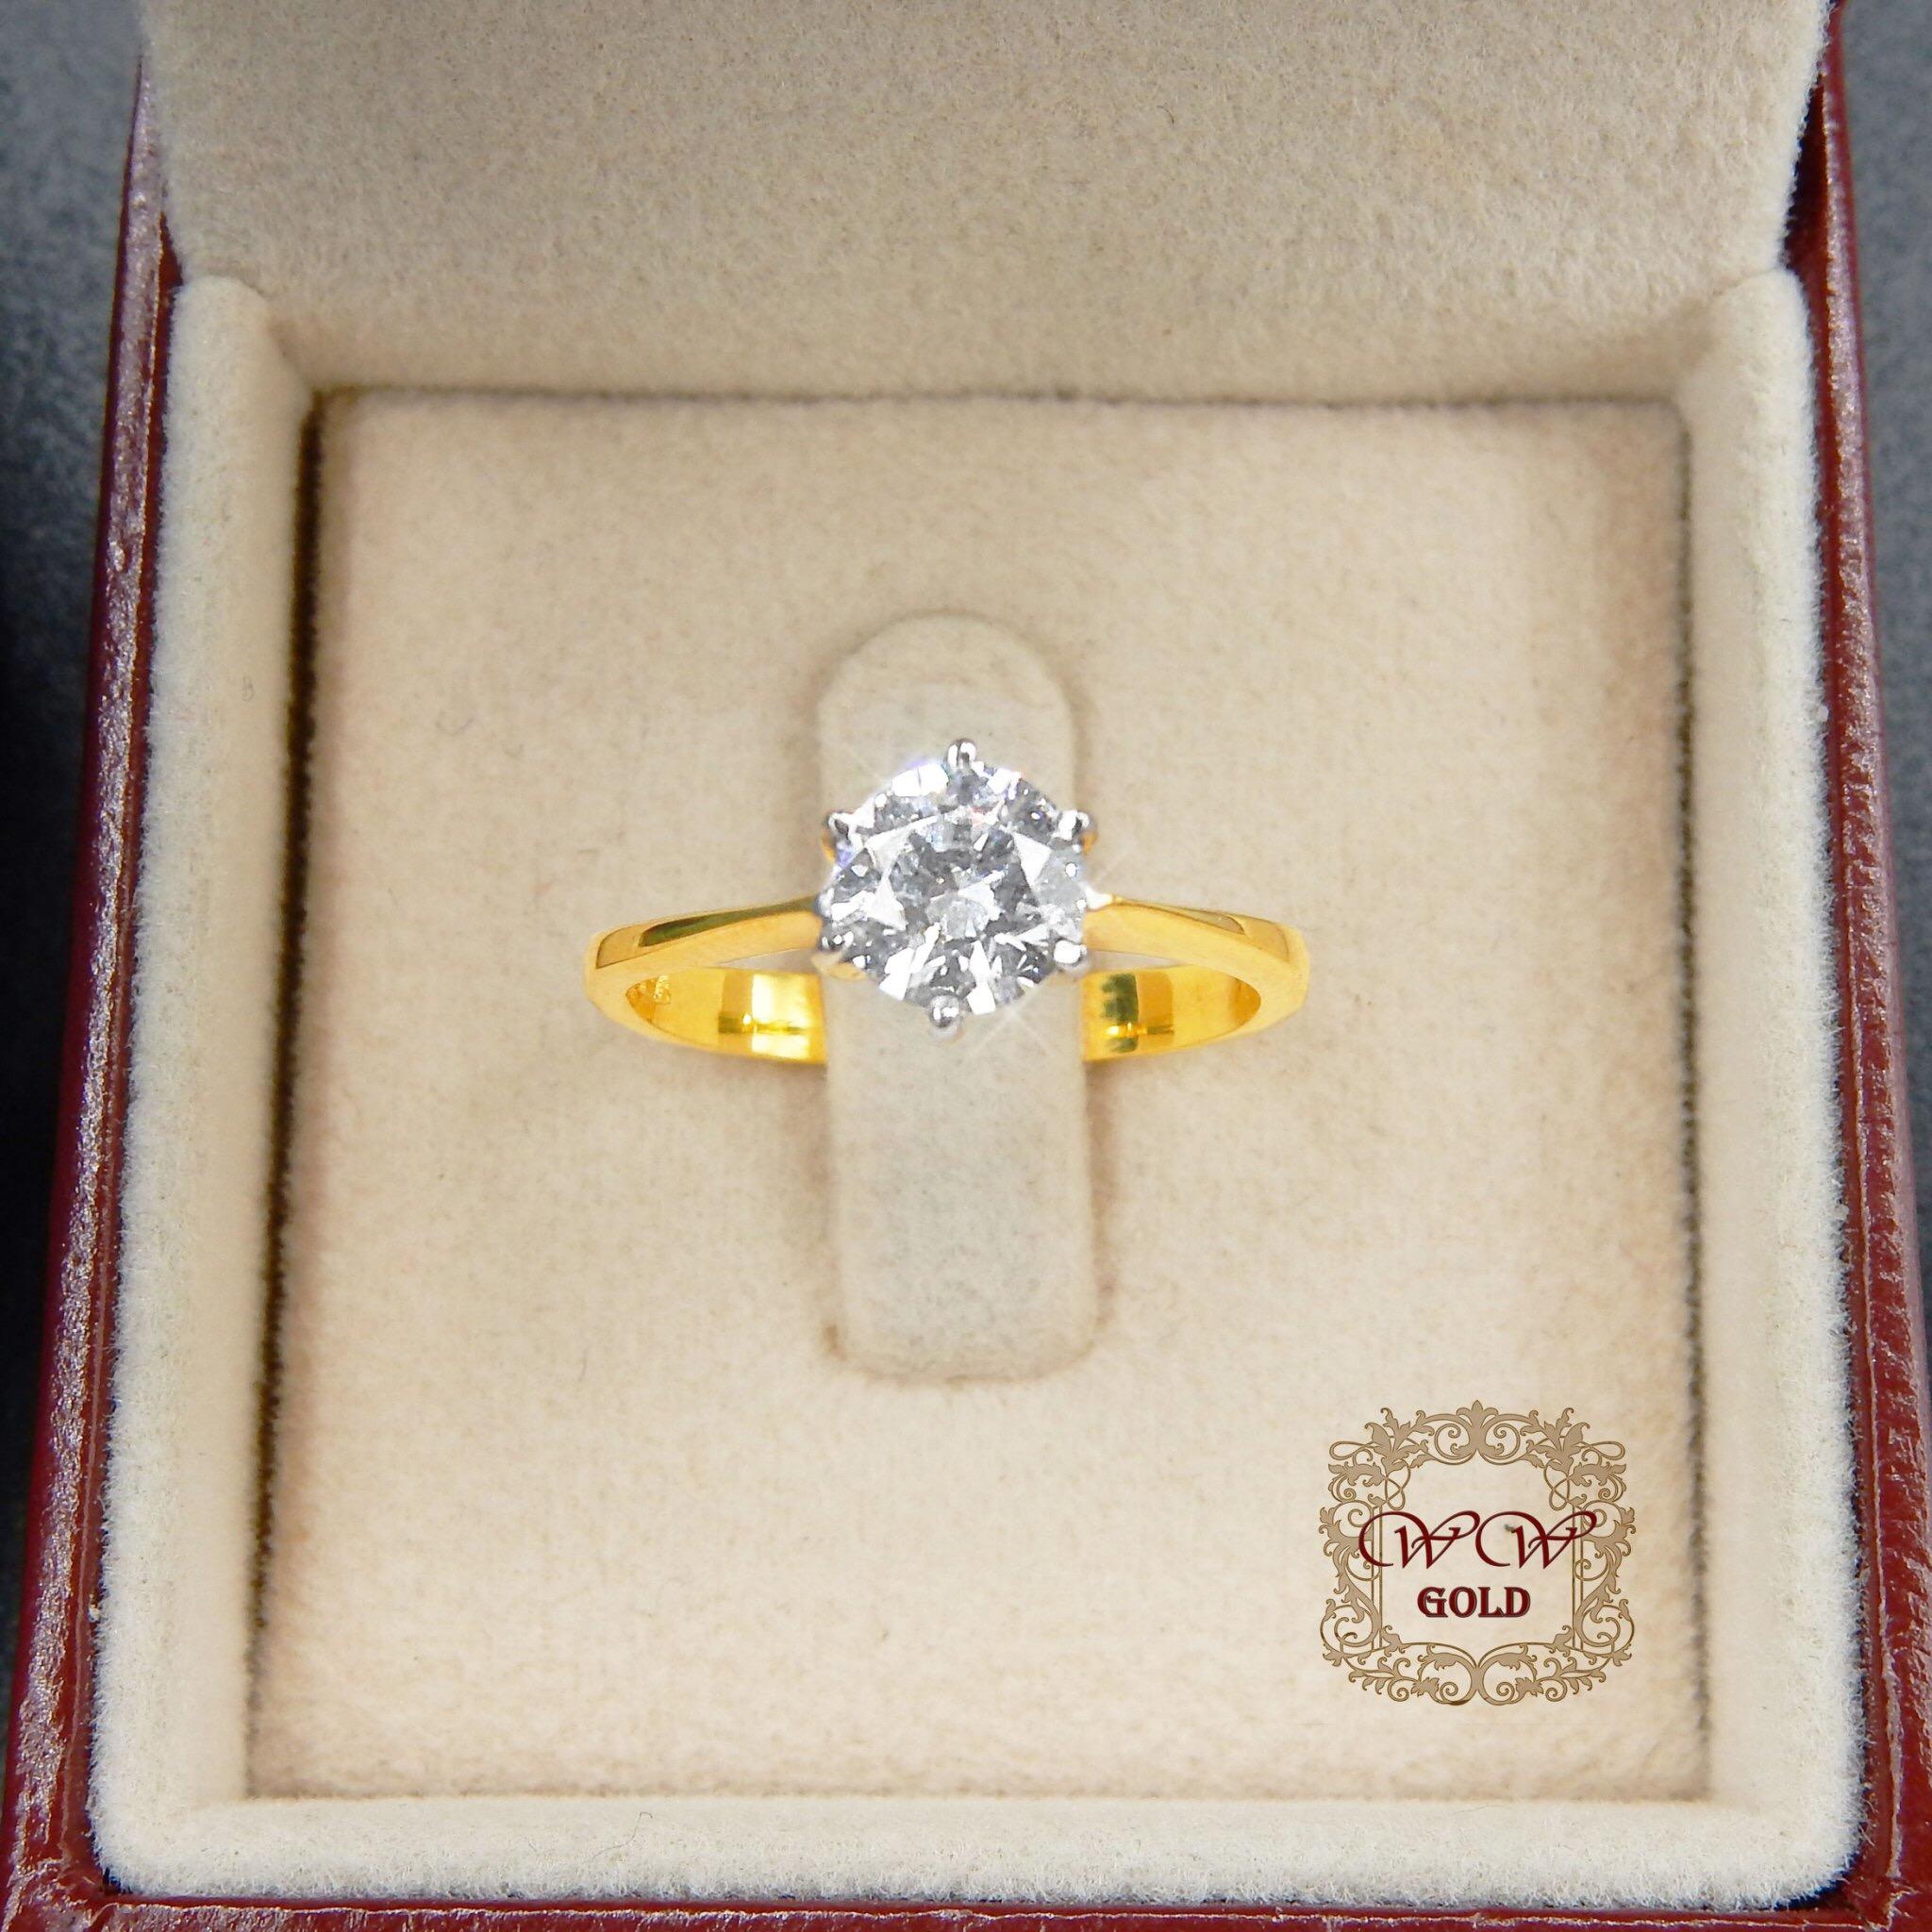 แหวนเพชรดีไซน์เม็ดเดียว (6 เตย)